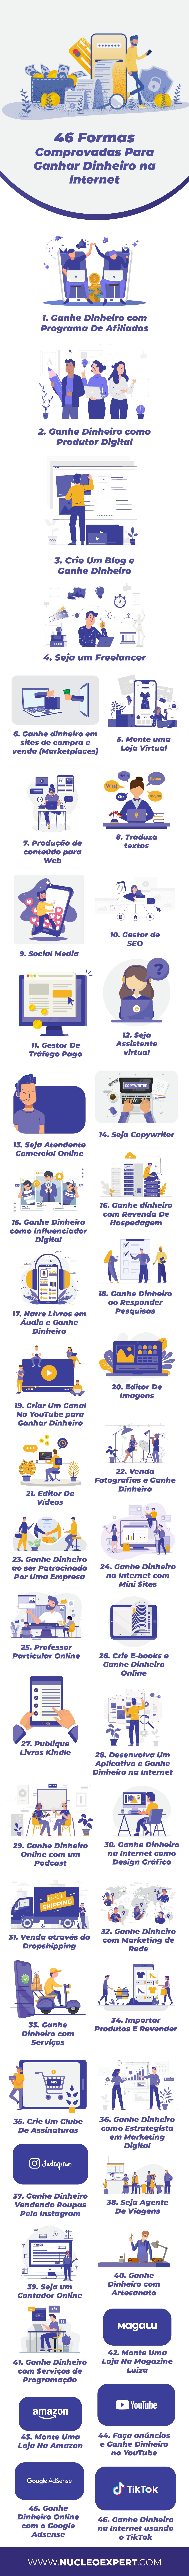 Como Ganhar Dinheiro na Internet: 63 Melhores Formas [2020]